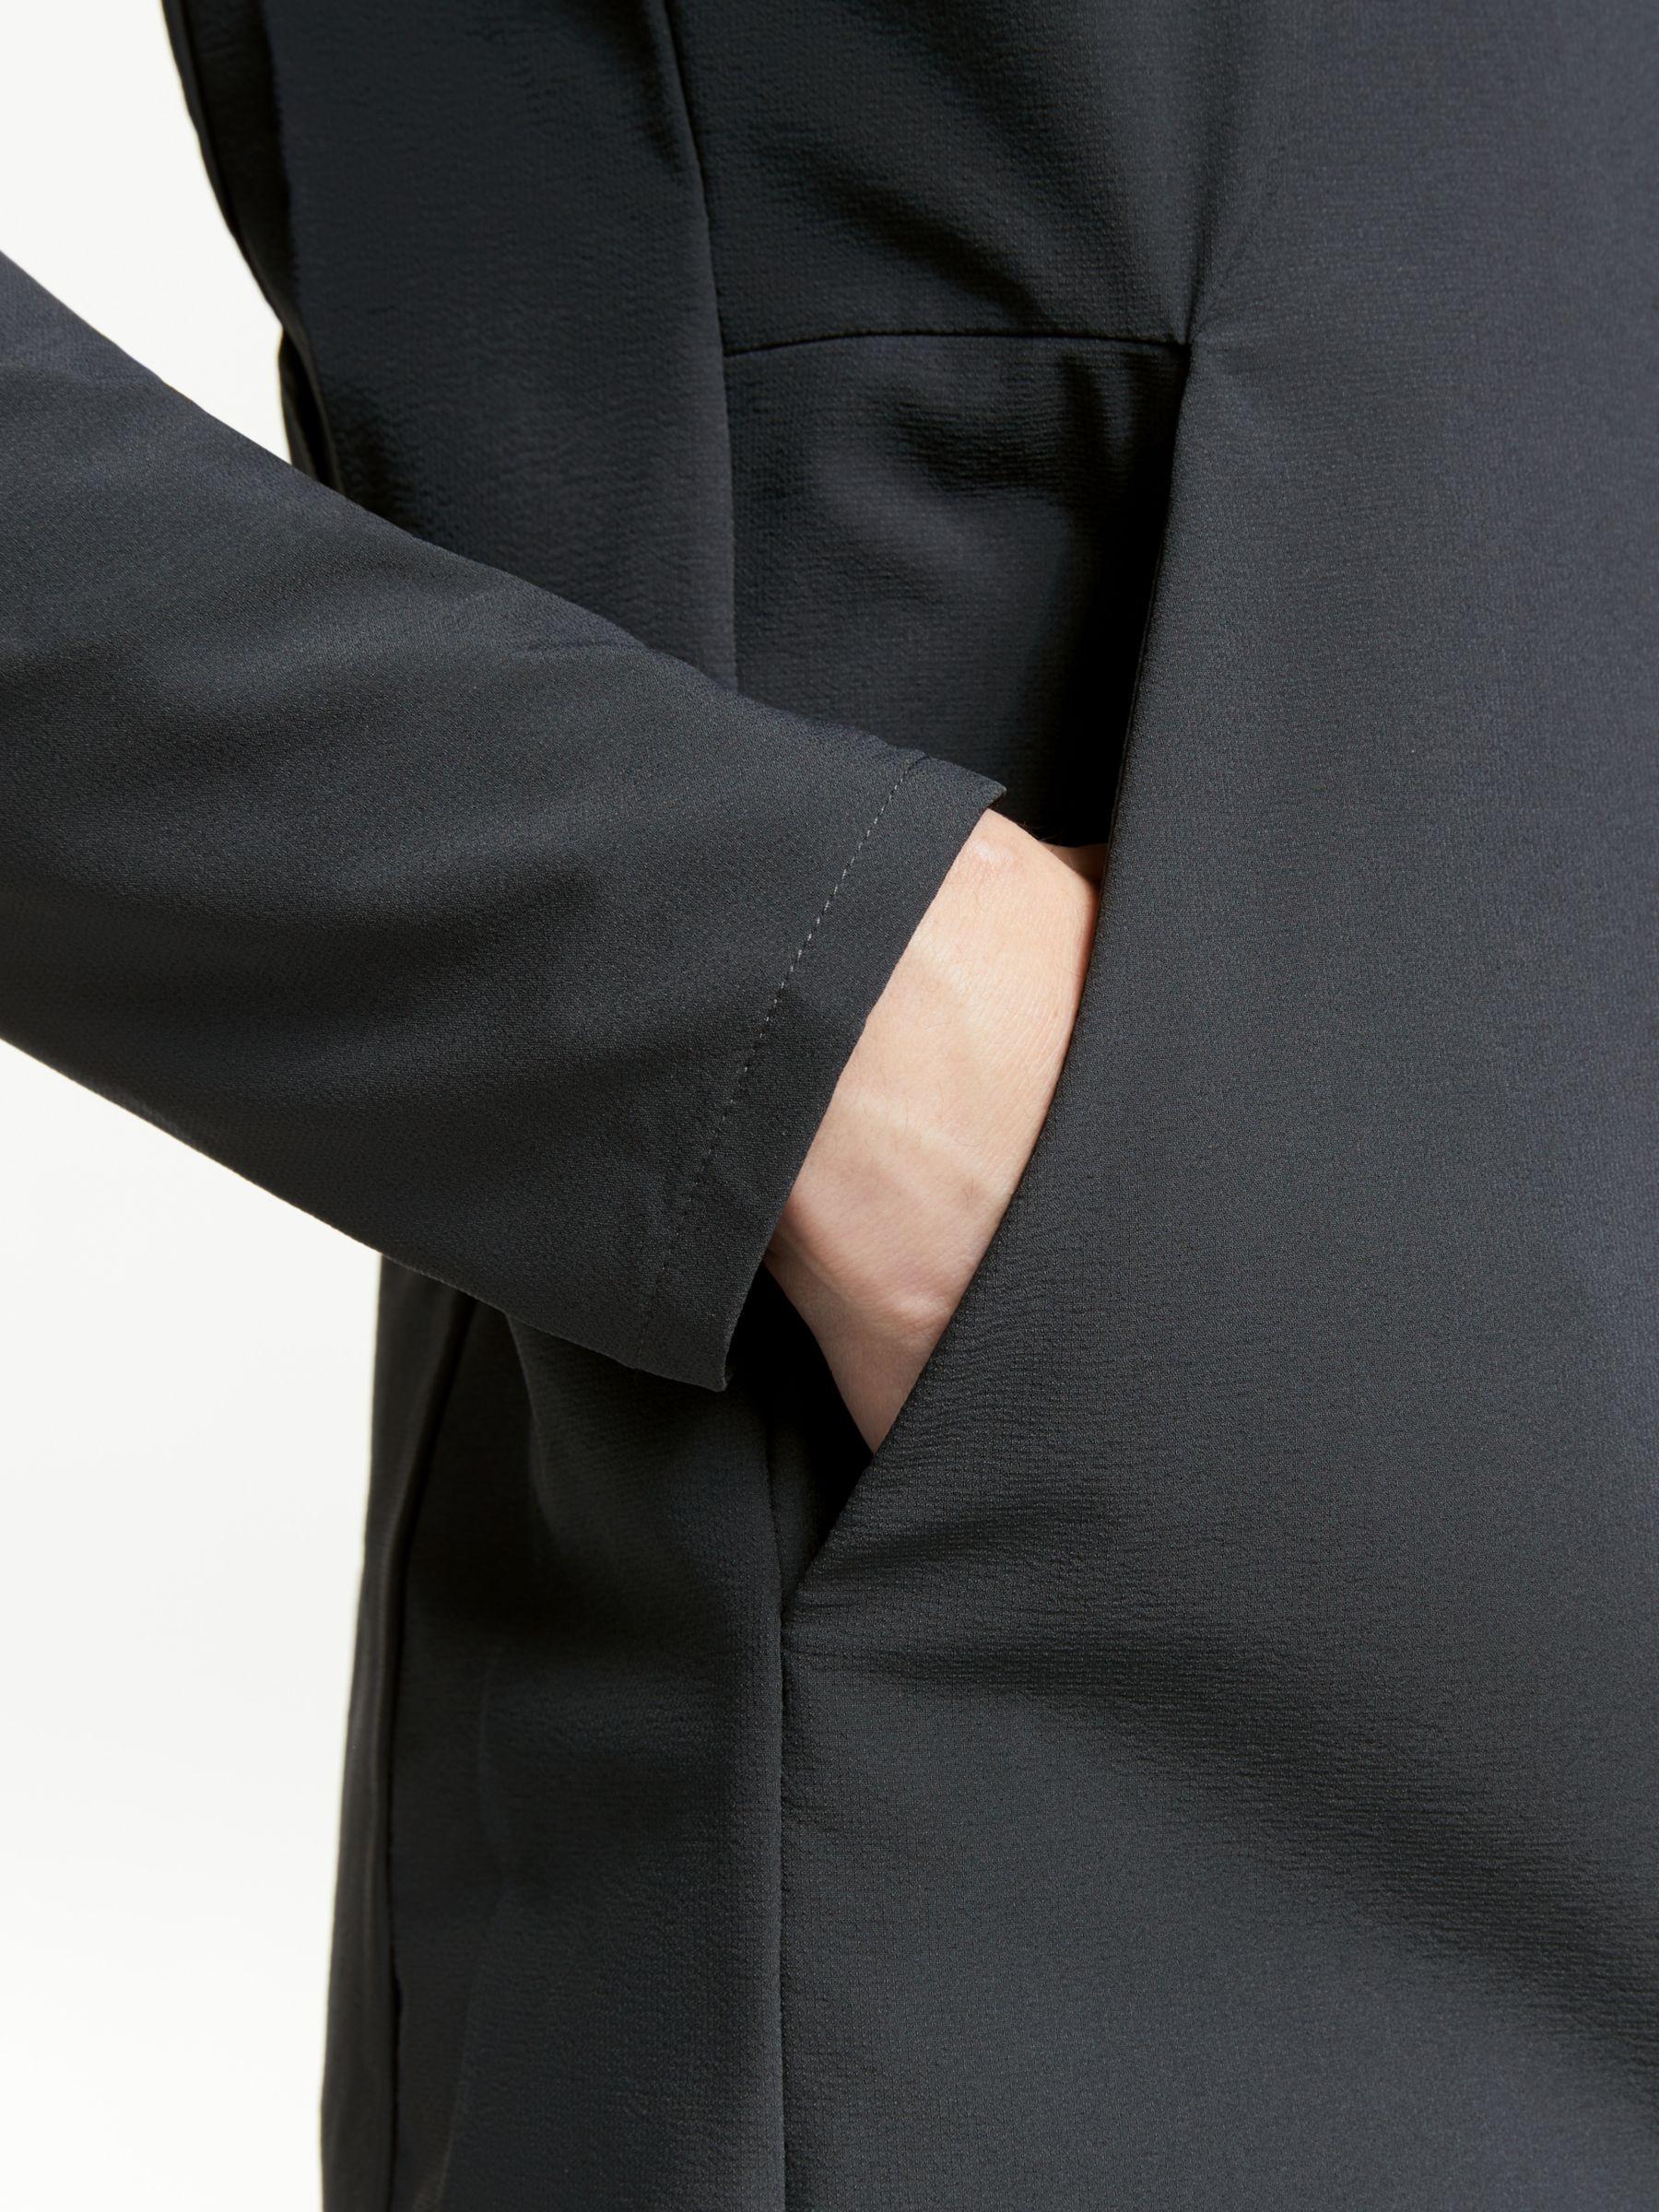 adidas Z.N.E. Men's Running Jacket, Carbon | Running jacket